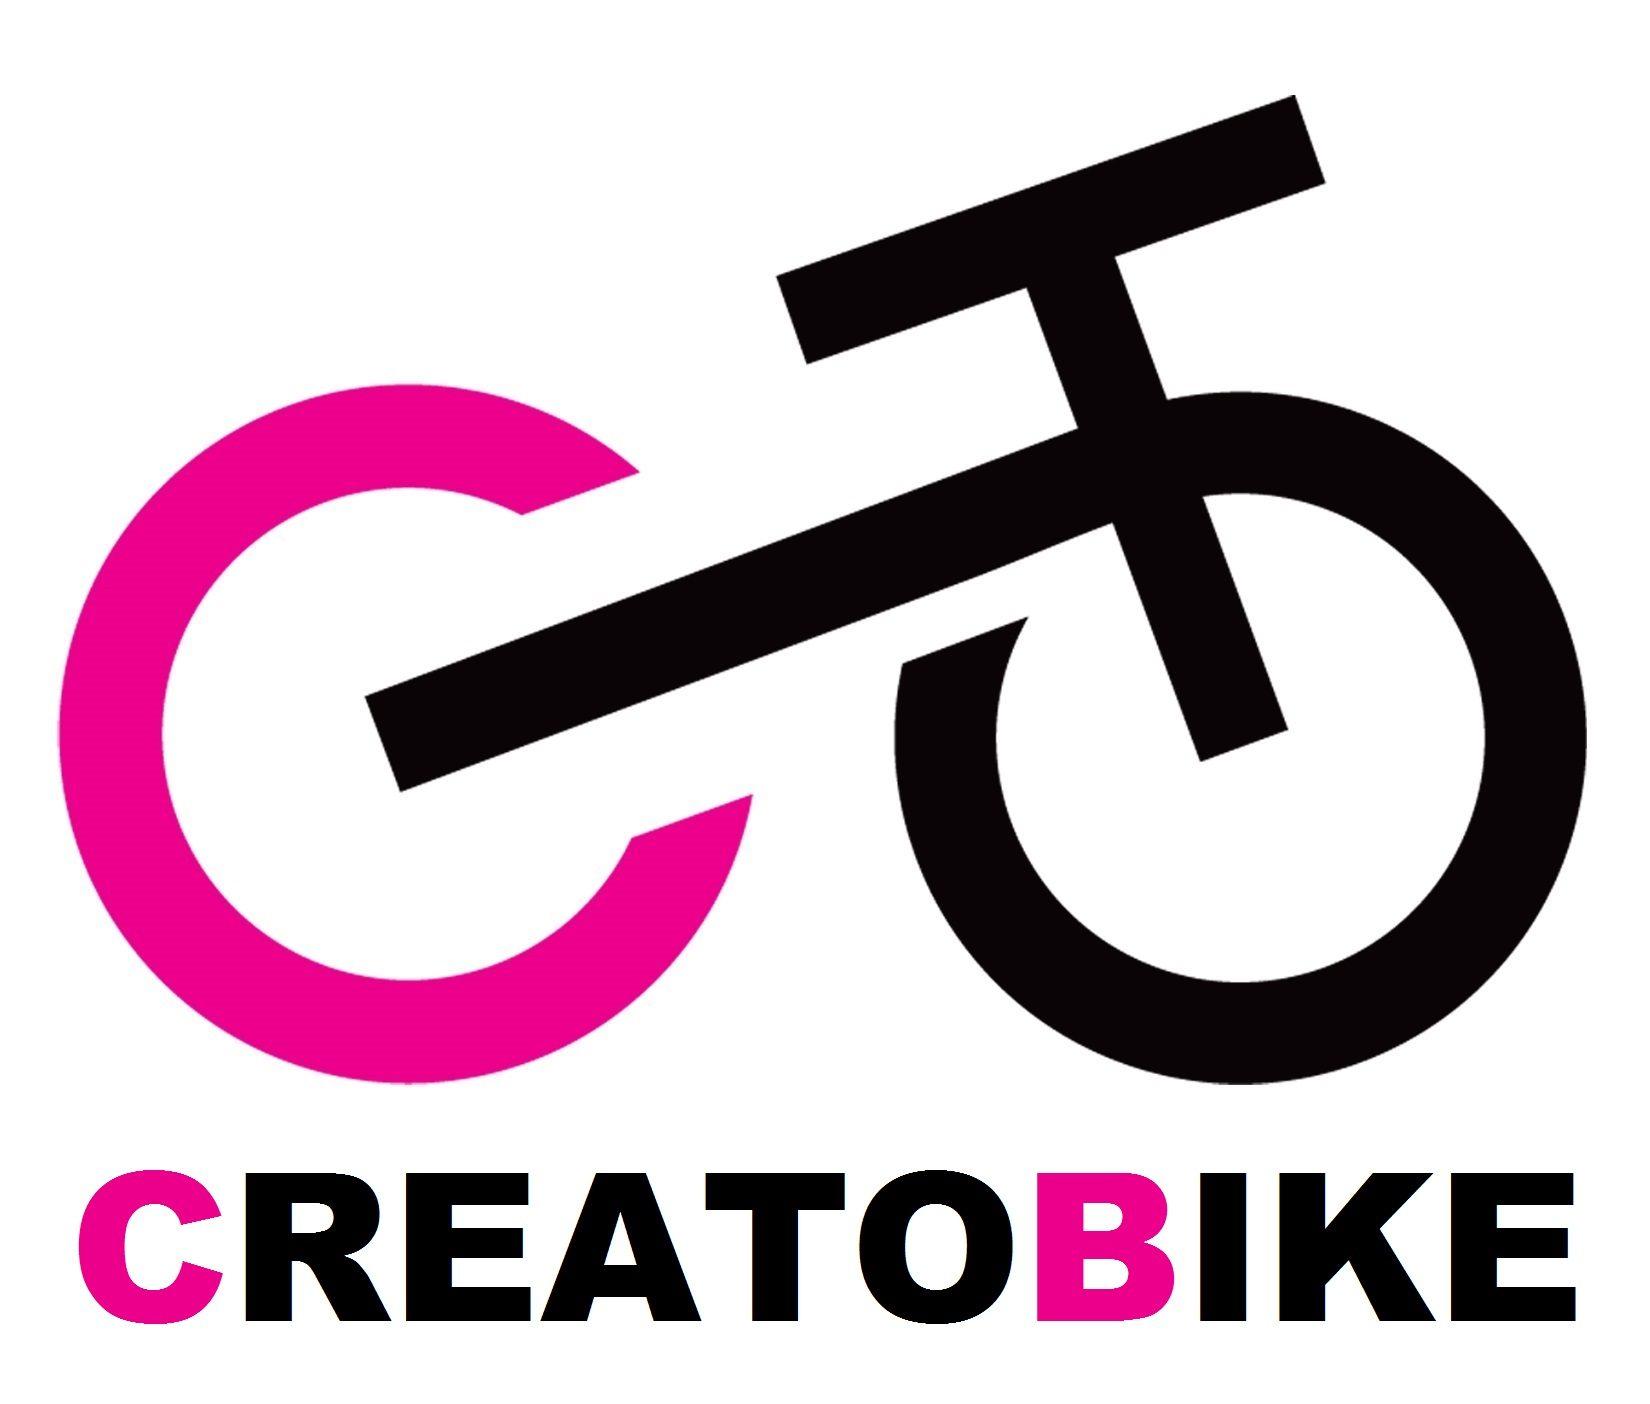 CreatoBike